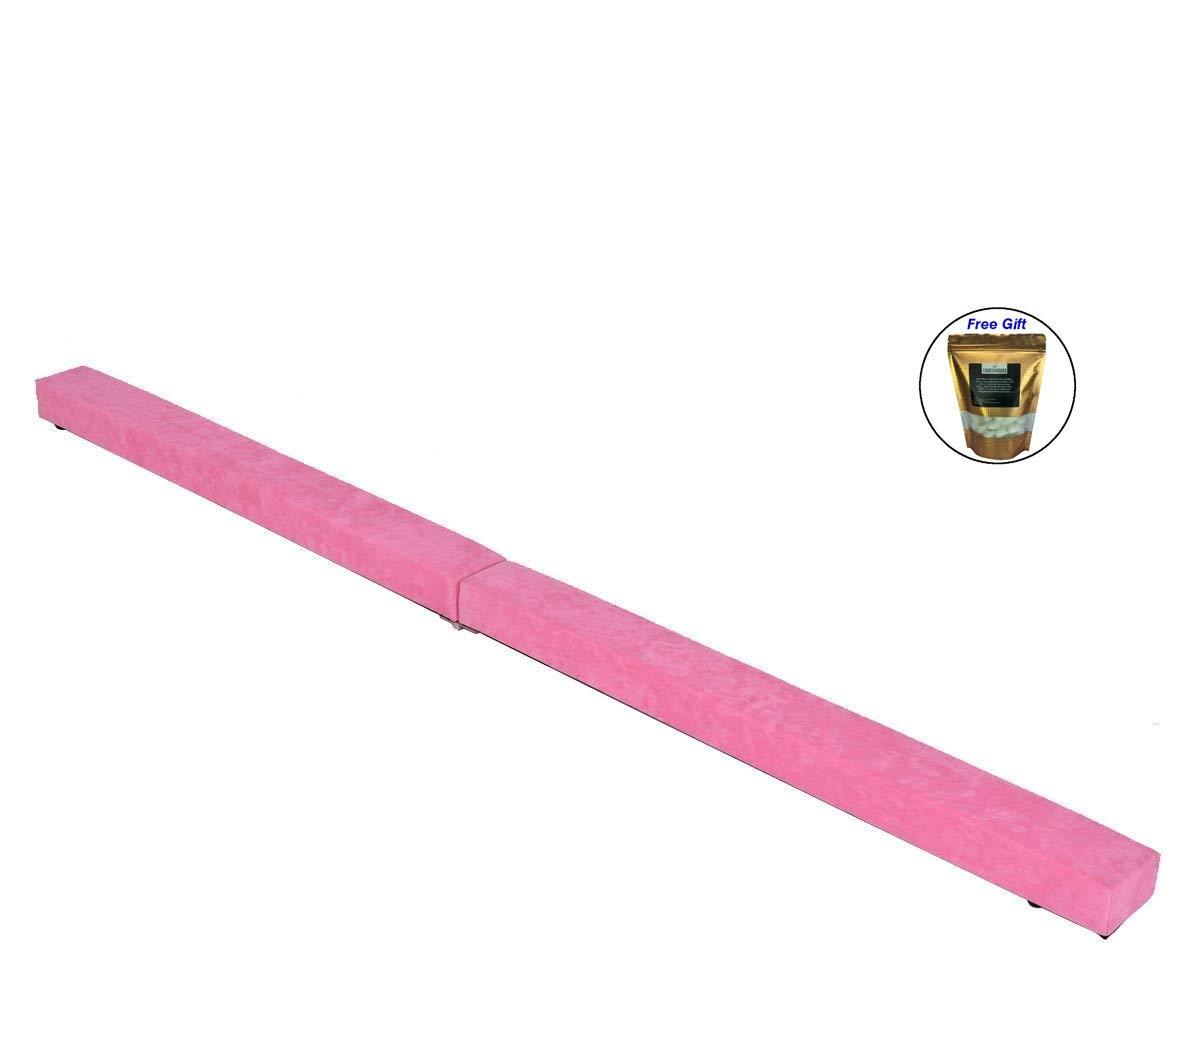 7 ' Sectional体操床バランスビームスキルパフォーマンストレーニングFolding – ピンク B079FMSY36